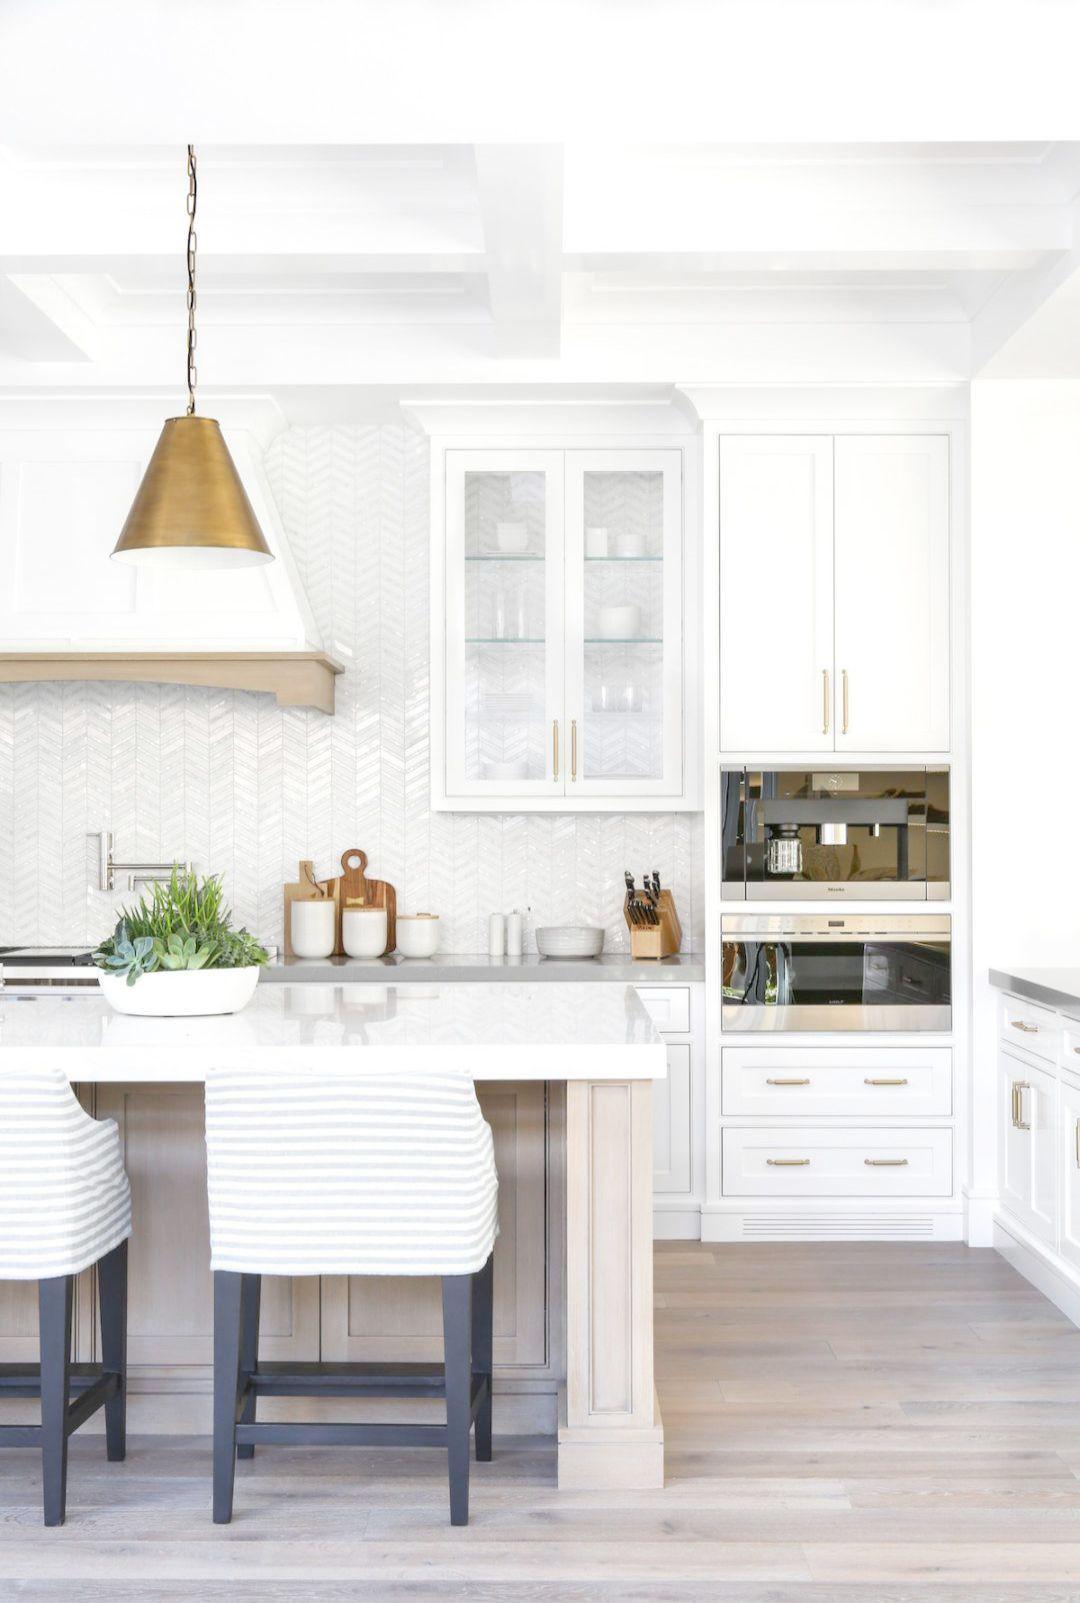 Interior Design Styles For Kitchen Renovation Mortgage Northern Ireland Quite Interior Des Home Decor Kitchen Interior Design Kitchen Kitchen Trends